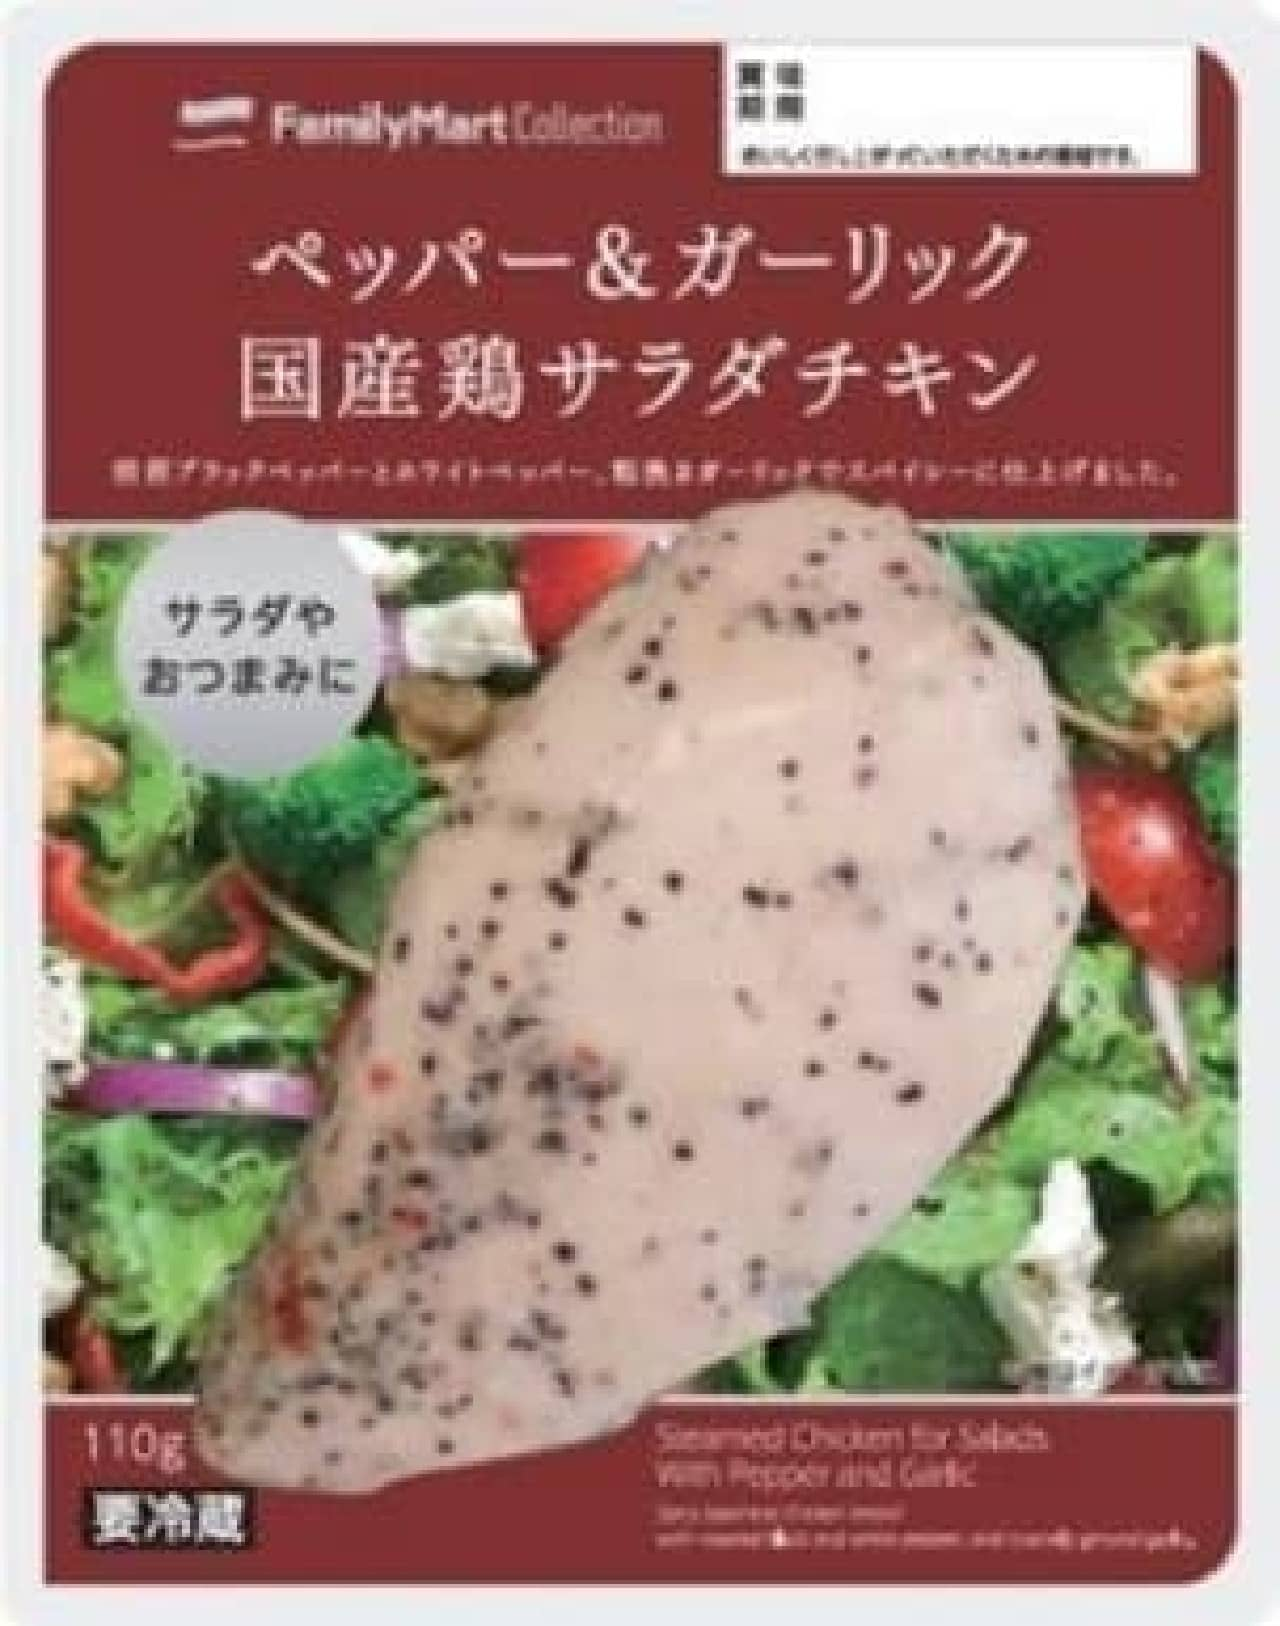 ファミリーマート「ペッパー&ガーリック 国産鶏サラダチキン」